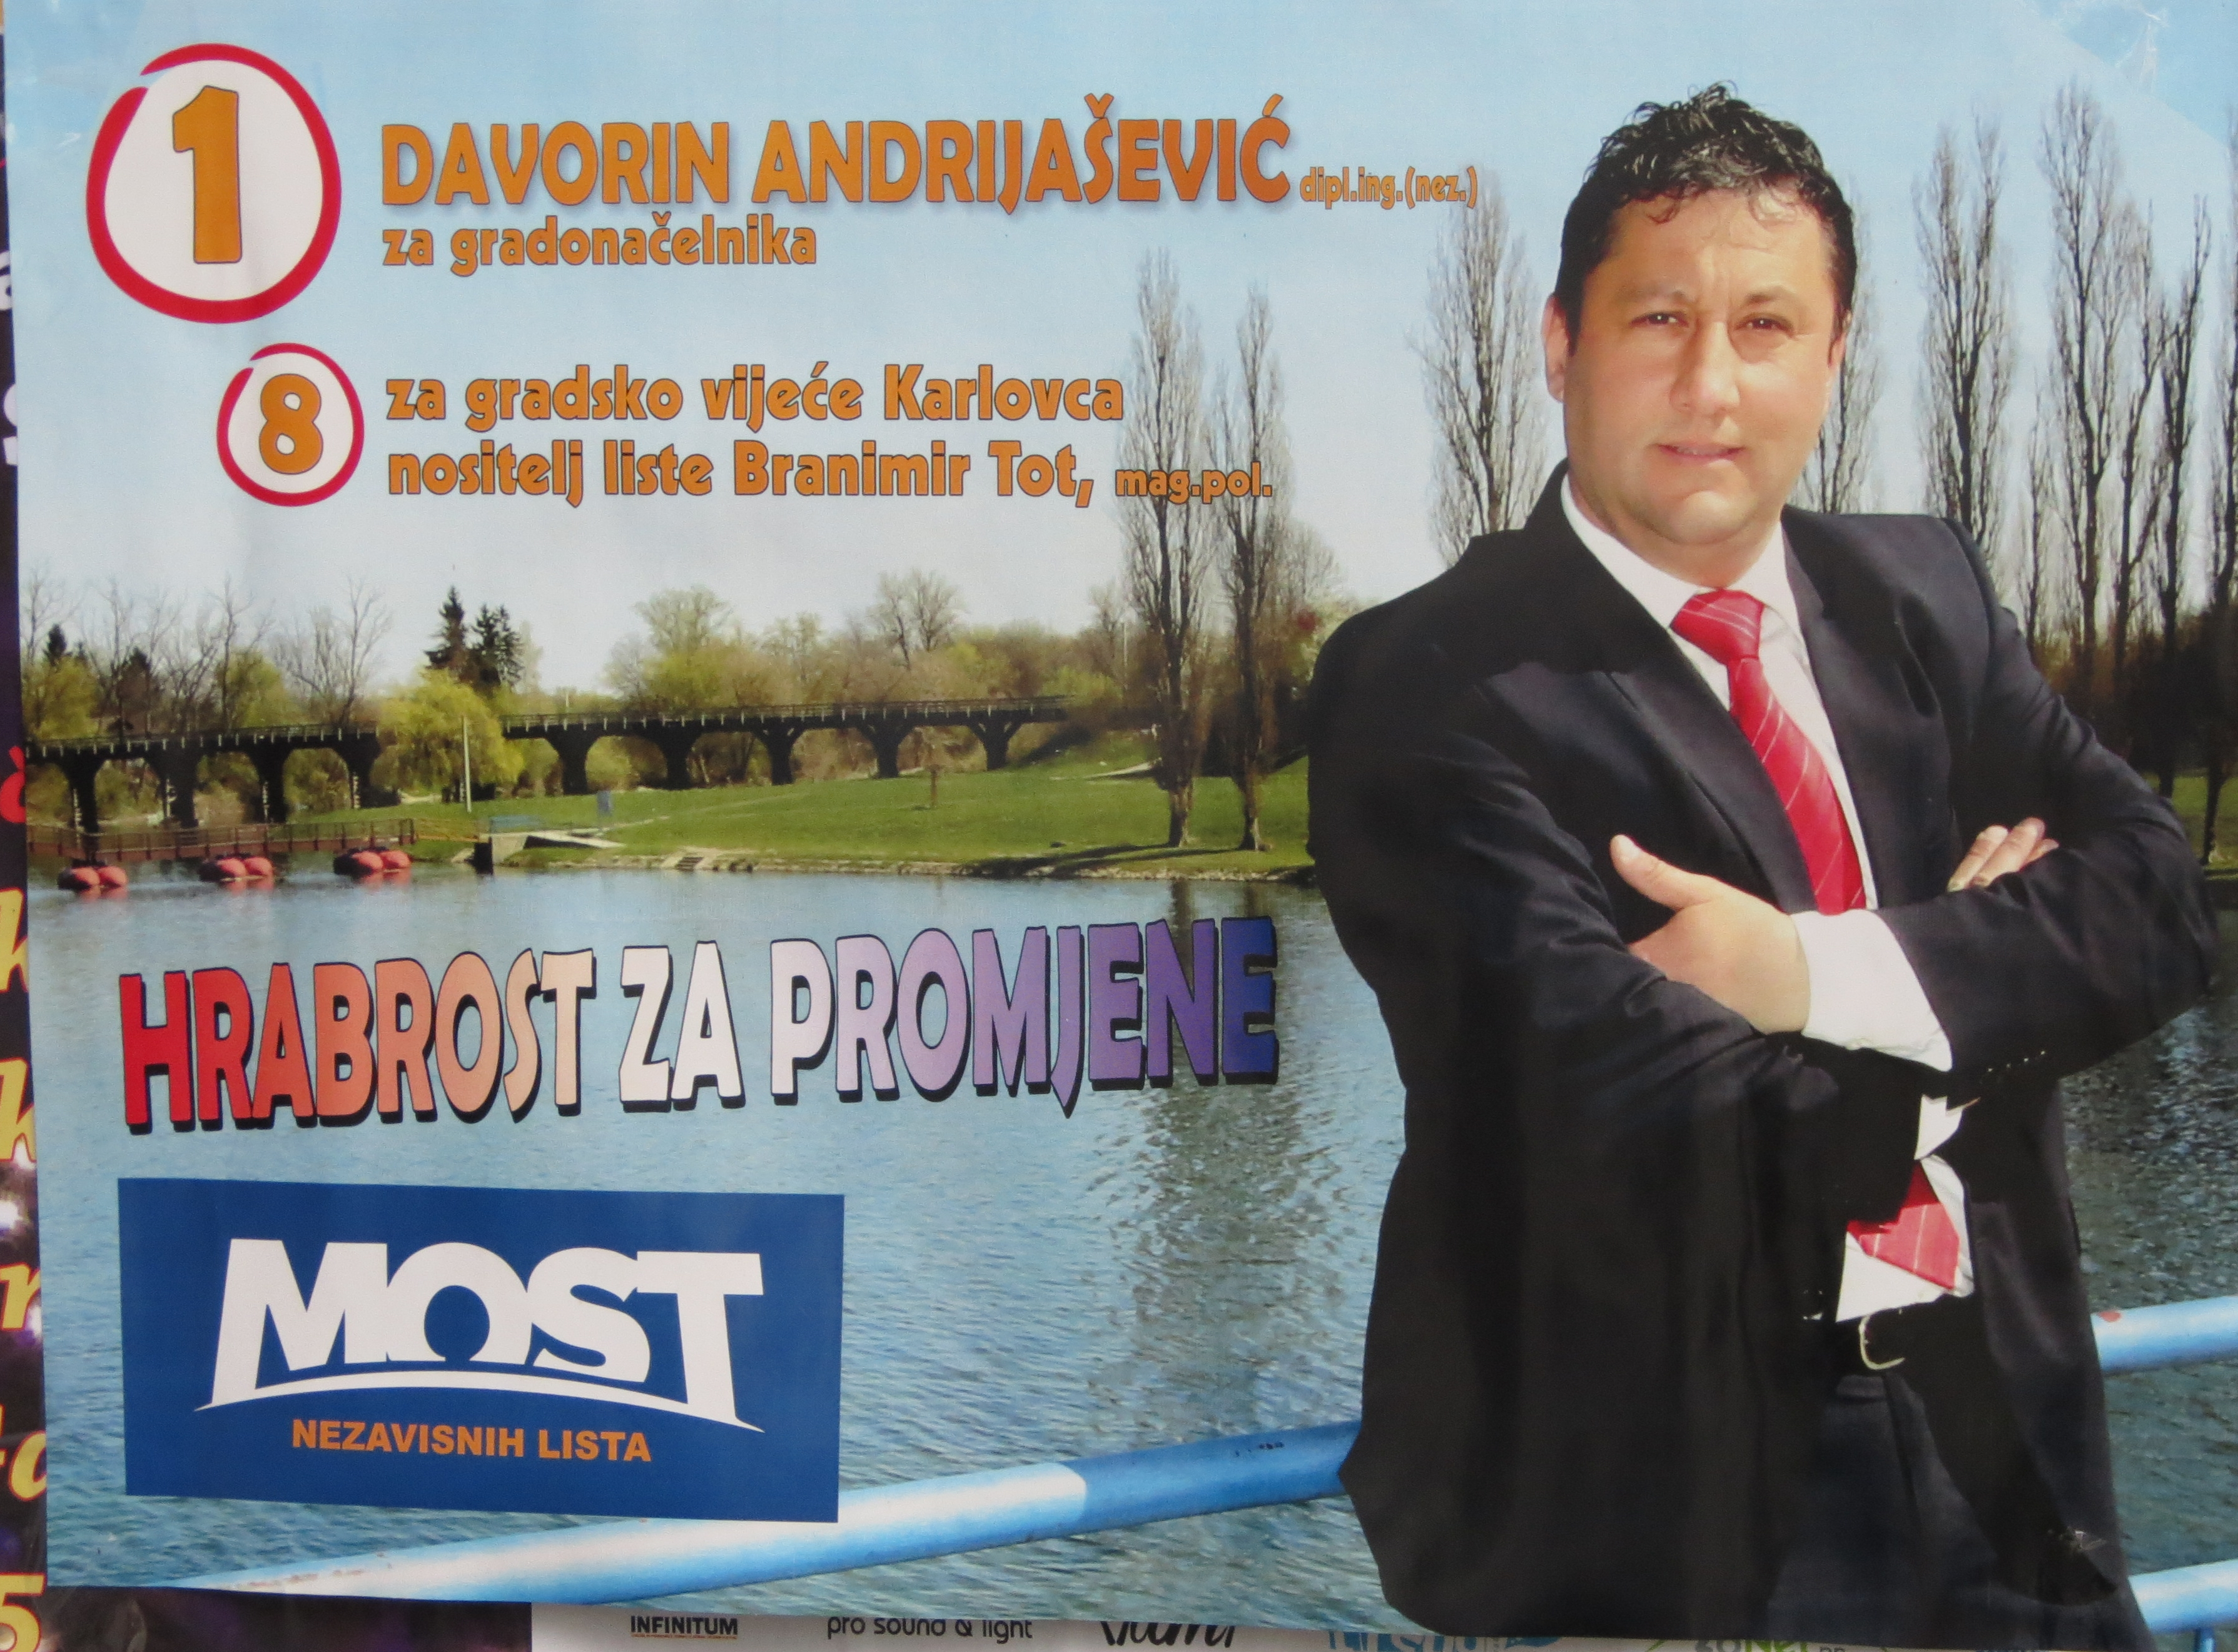 Cidade de Karlovac – Ponte de Listas Independentes (MOST)